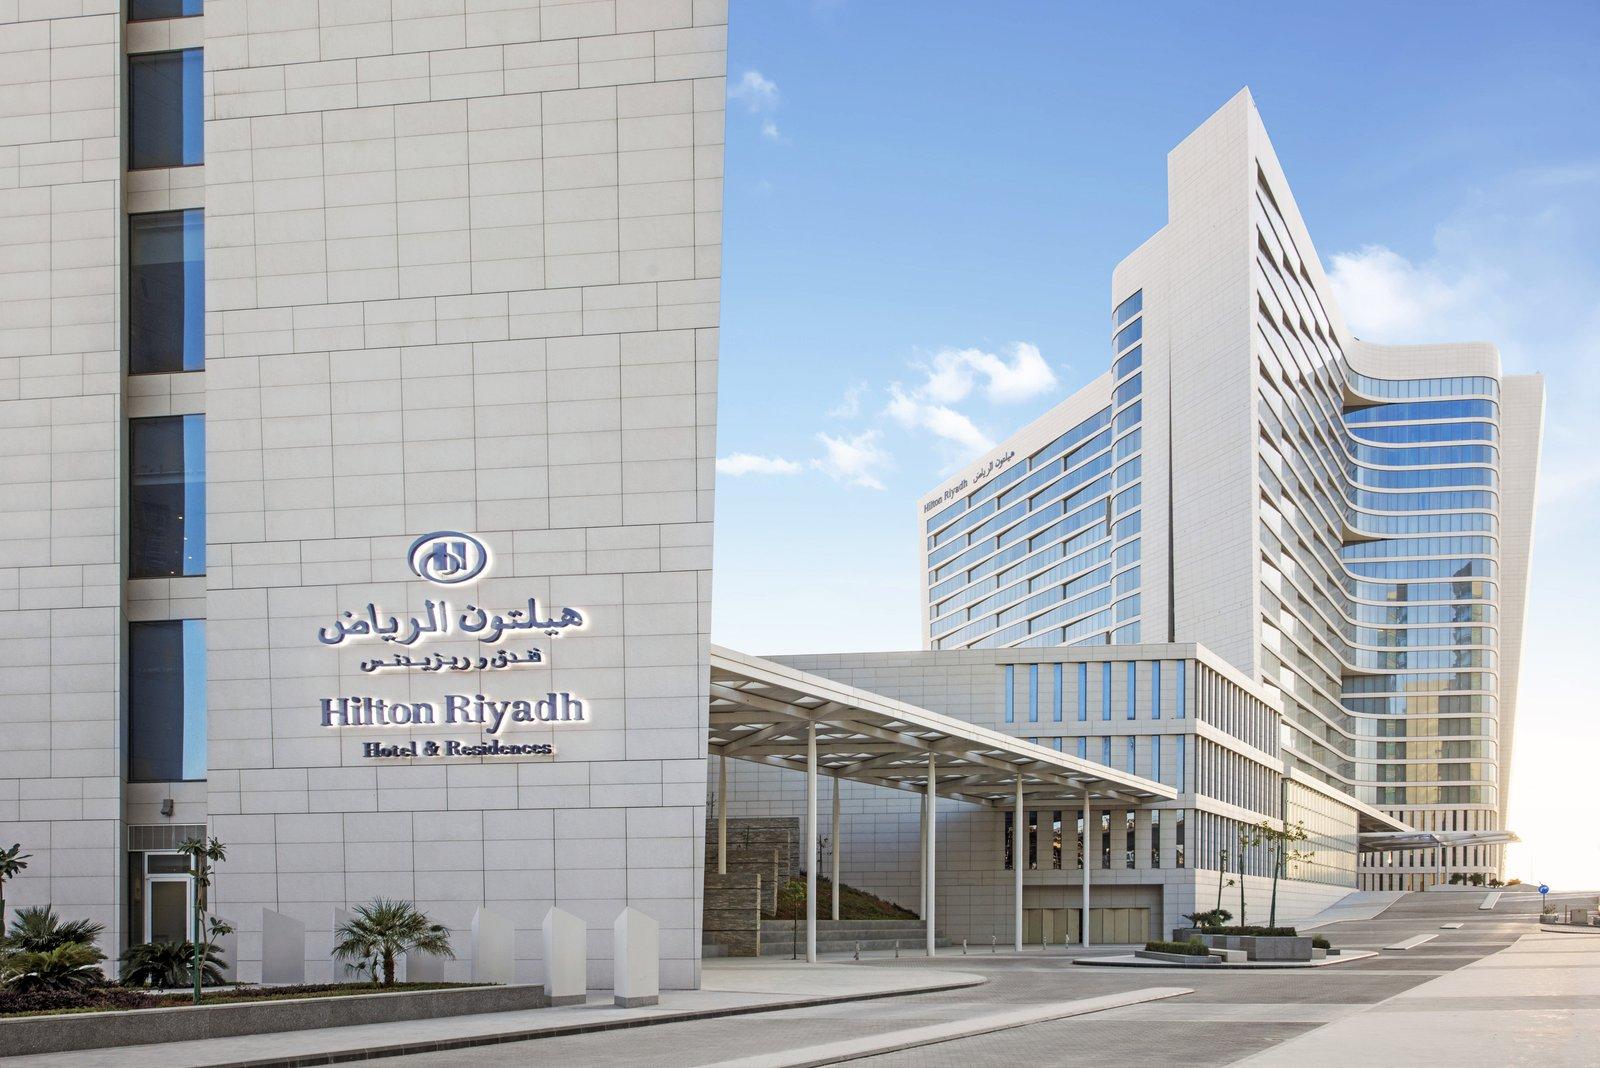 Hilton Riyadh Hotel Residences